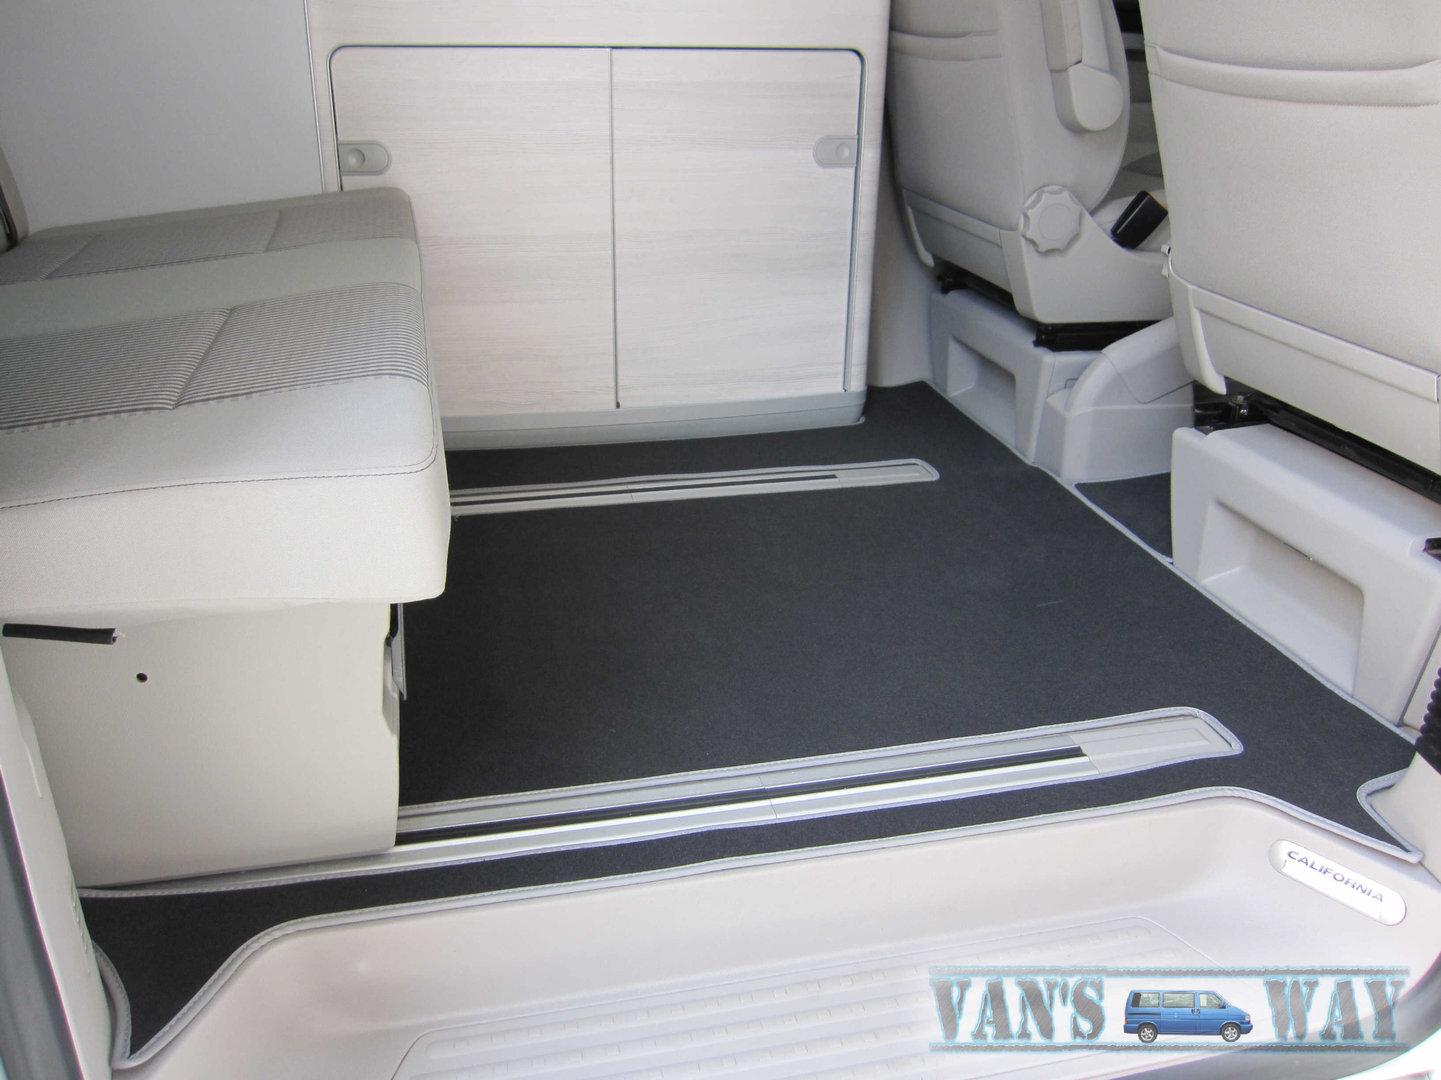 kh Teile Tapis de sol pour T6 Multivan Caravelle California Conducteur Tapis de voiture velours Noir Rouge complet avant 1 pi/èce